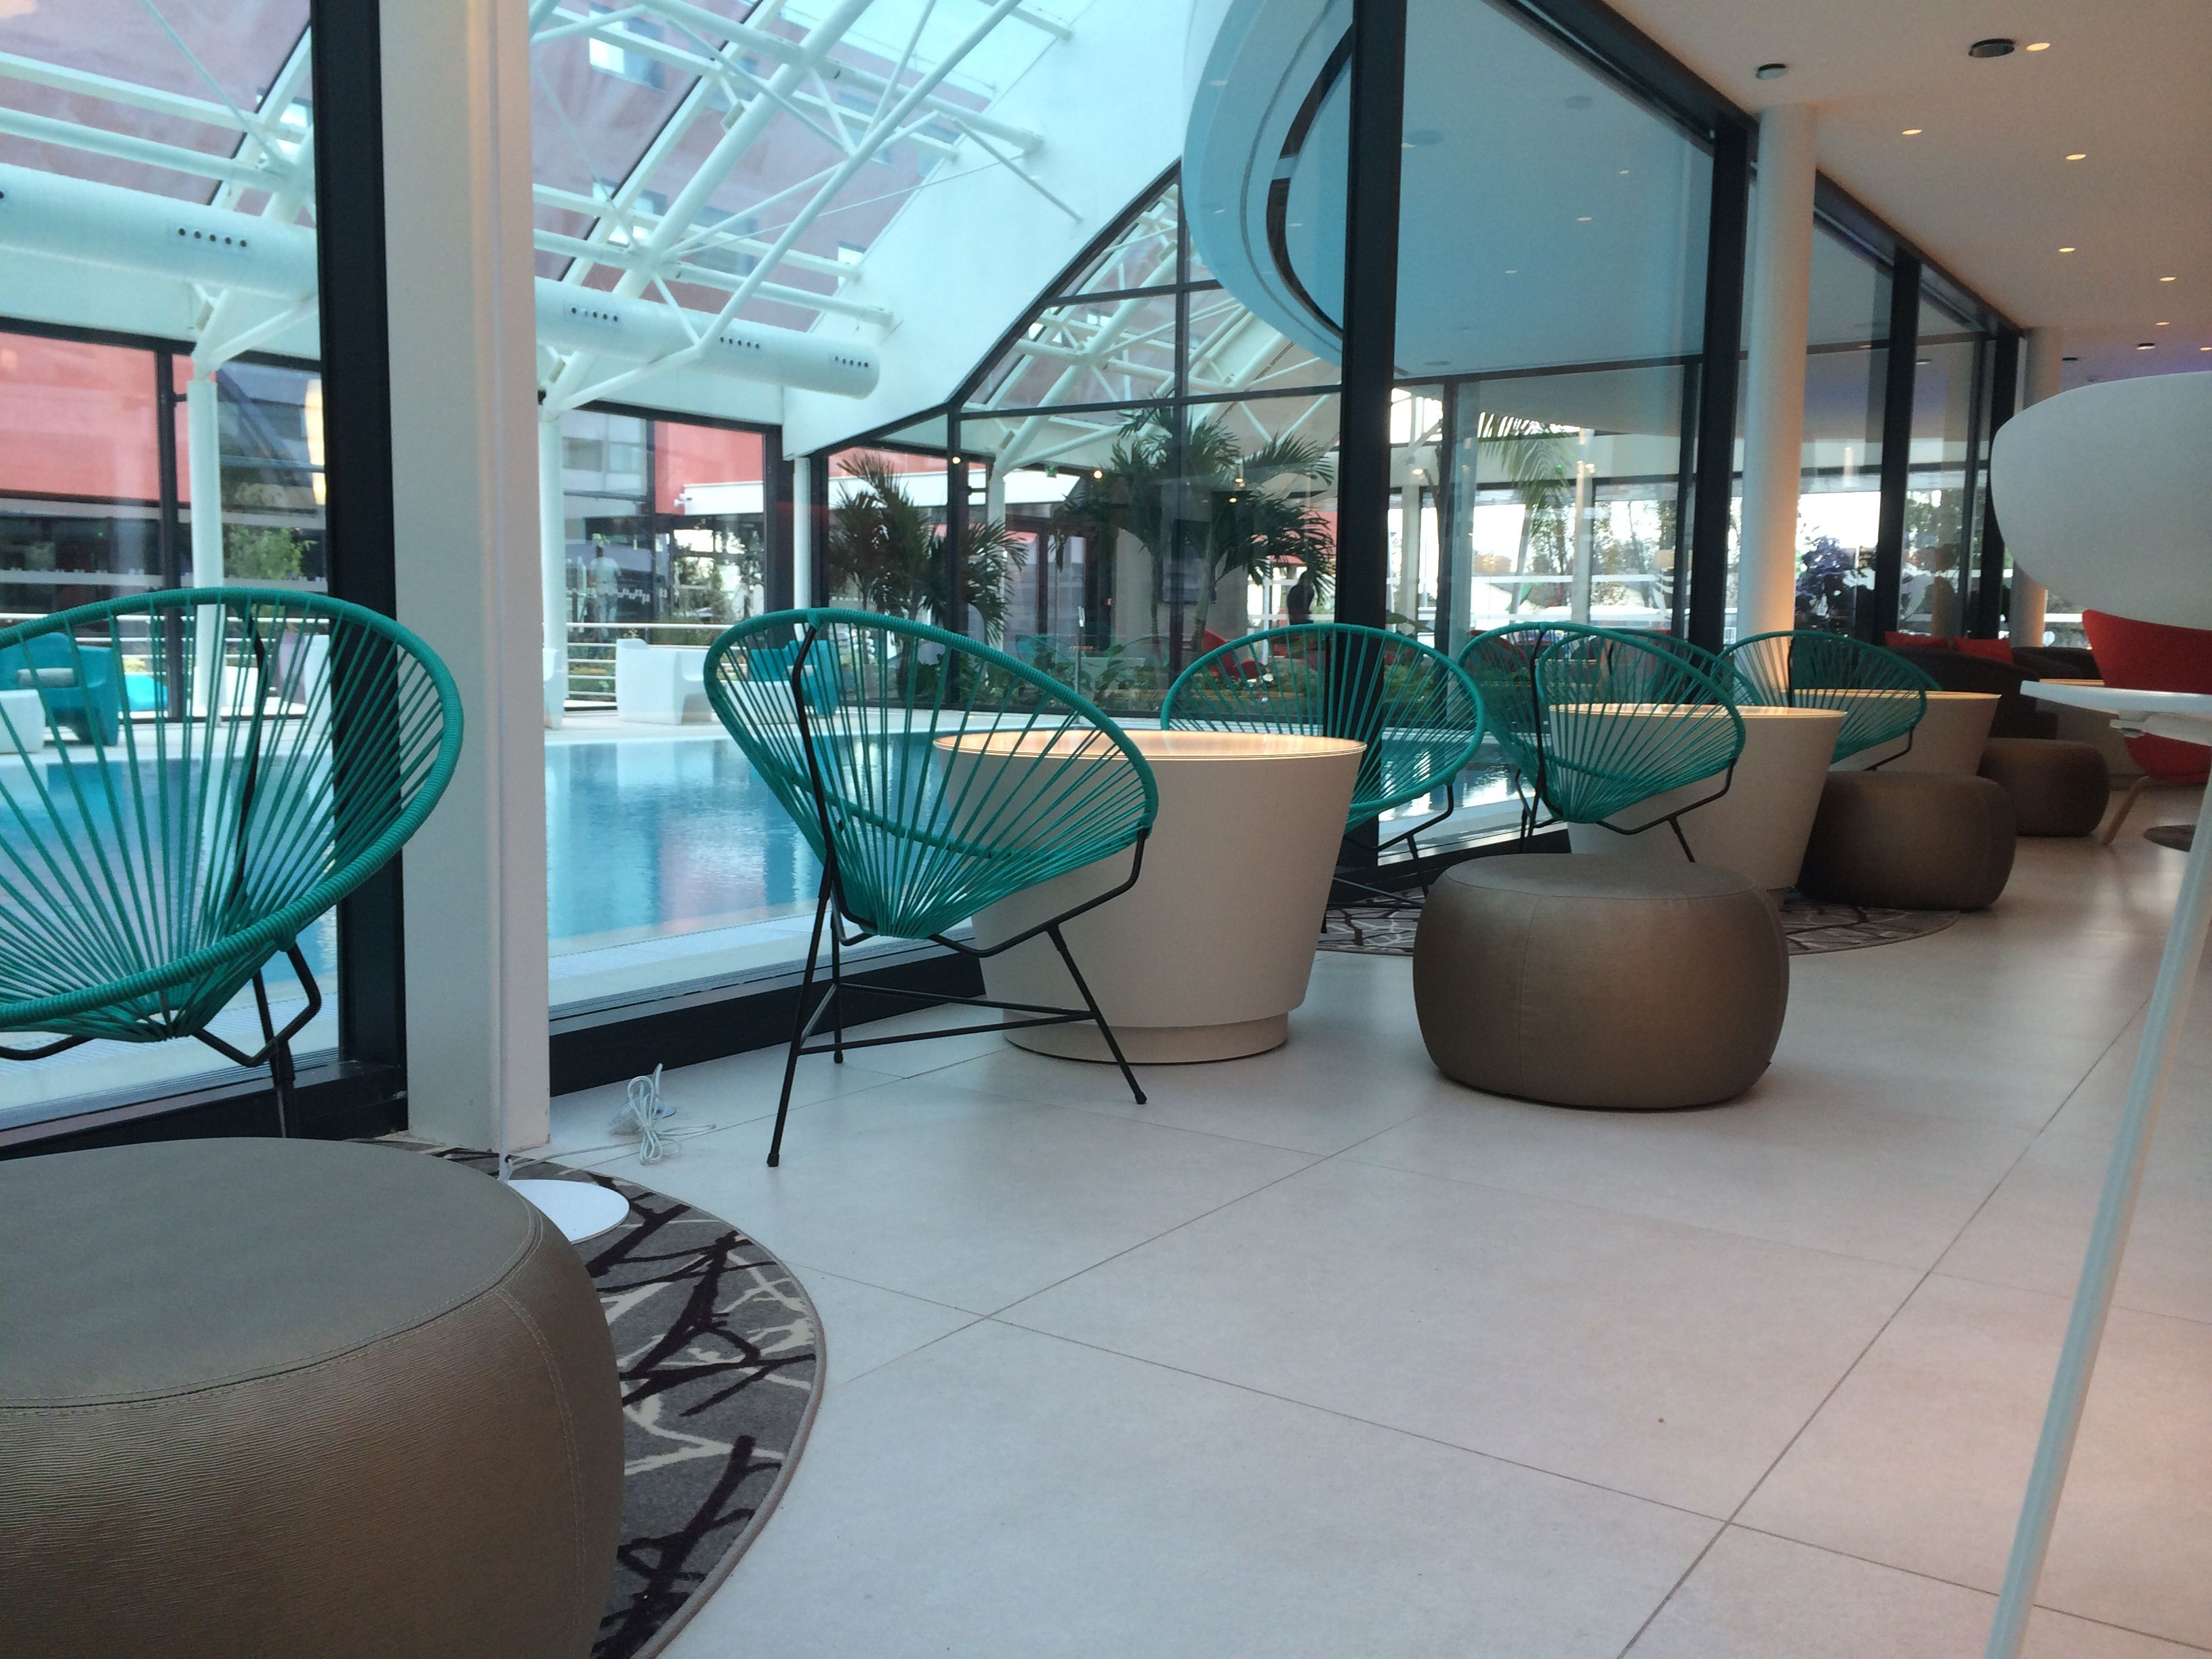 Boqa Fr le #patio de l'#hôtel oceania à roissy! un design soigné avec des